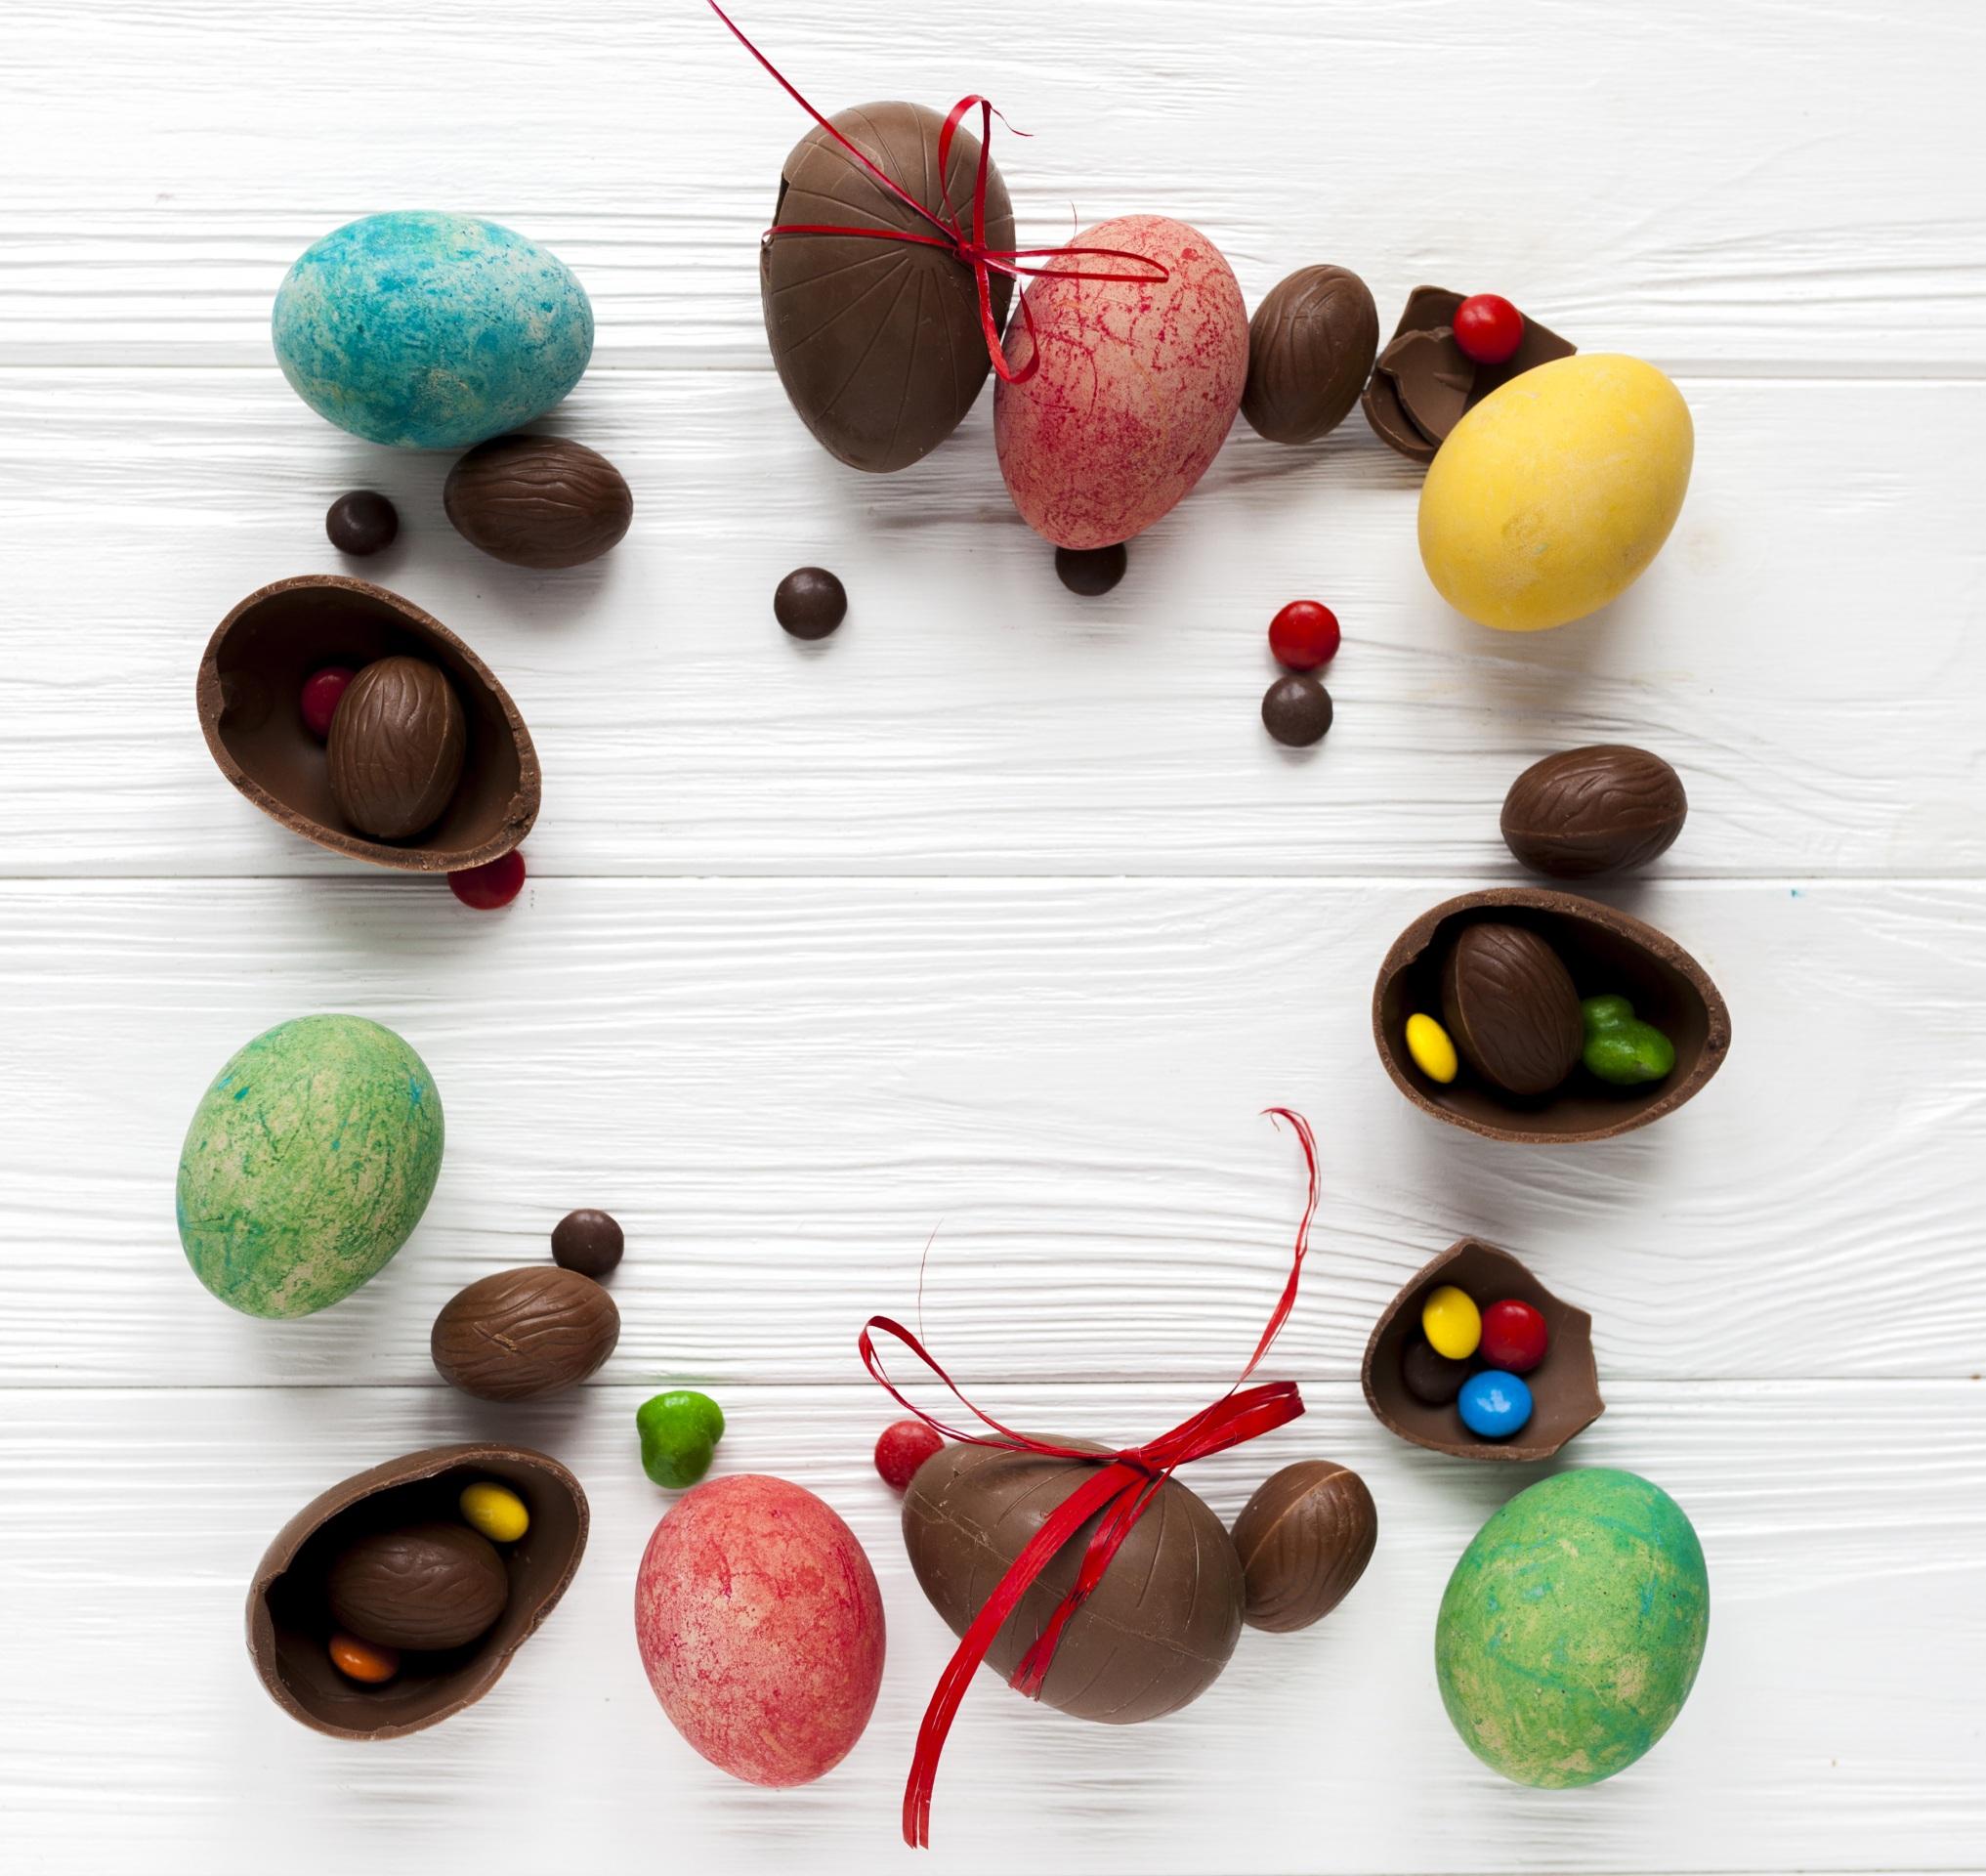 Картинка Пасха яйцо Шоколад Конфеты Еда Сладости Доски 2033x1920 яиц Яйца яйцами Пища Продукты питания сладкая еда